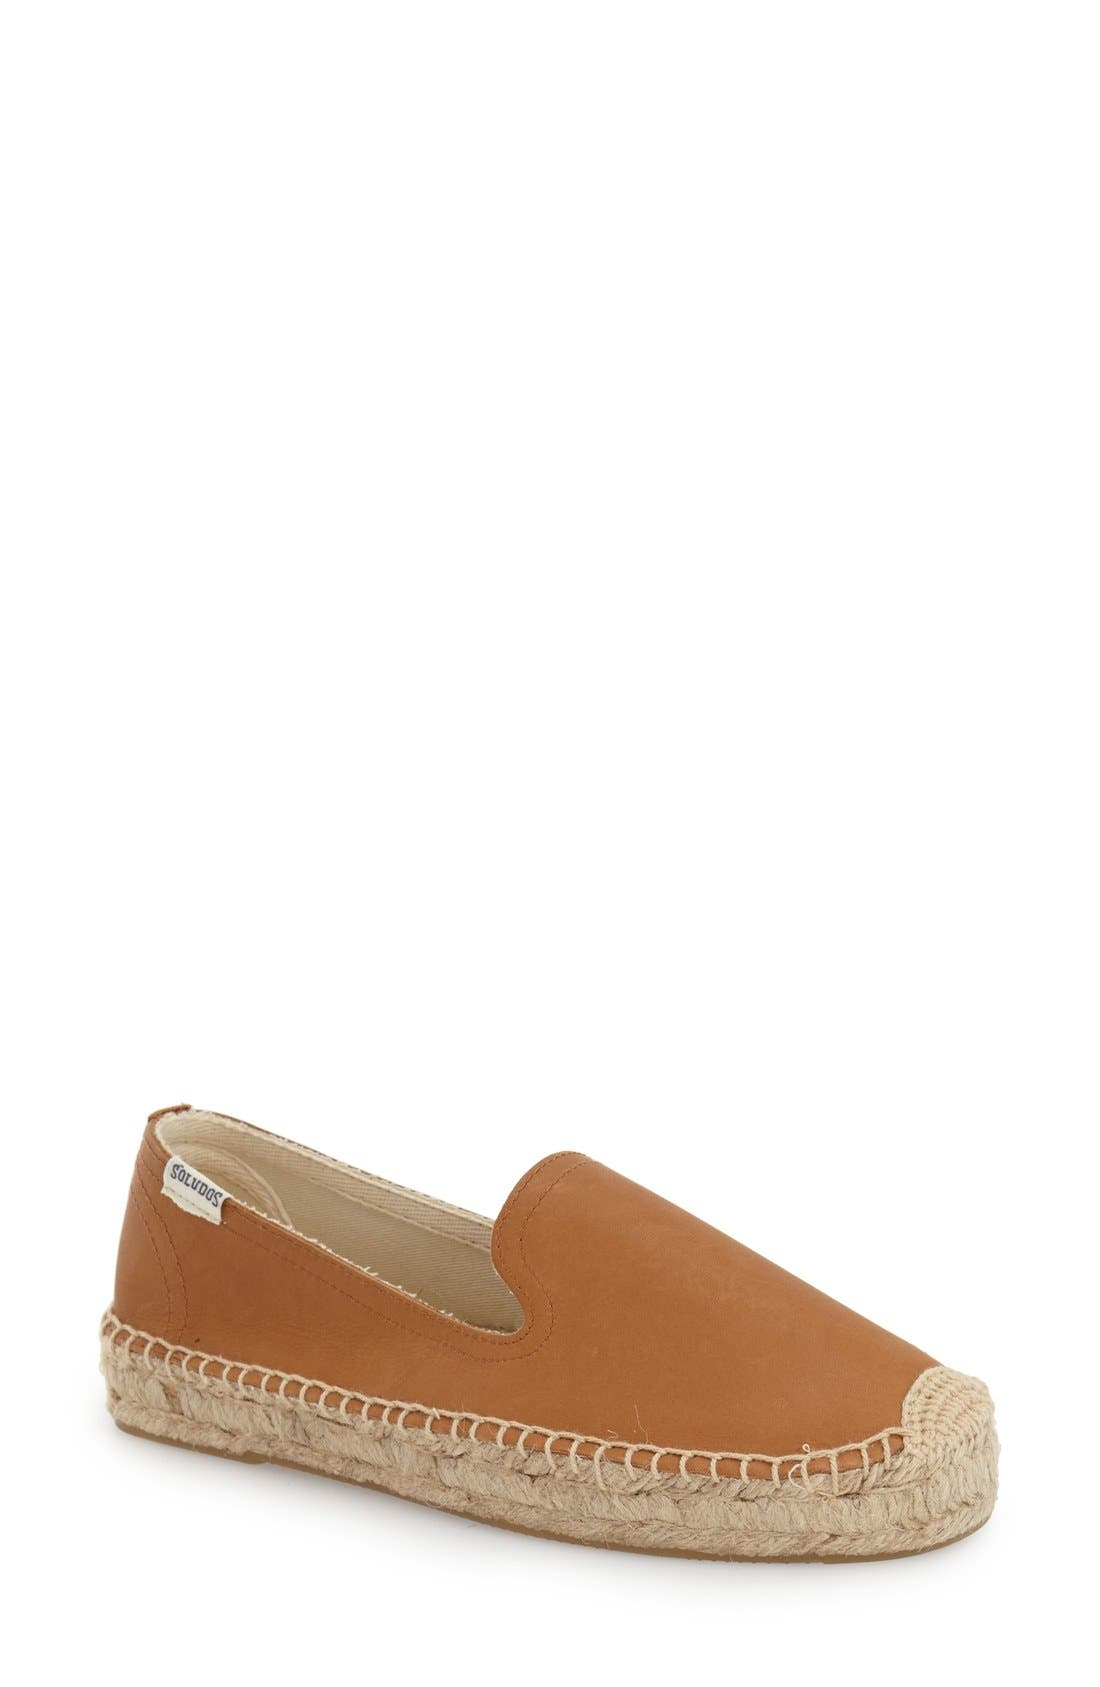 Main Image - Soludos 'Smoking' Espadrille Platform Shoe (Women)